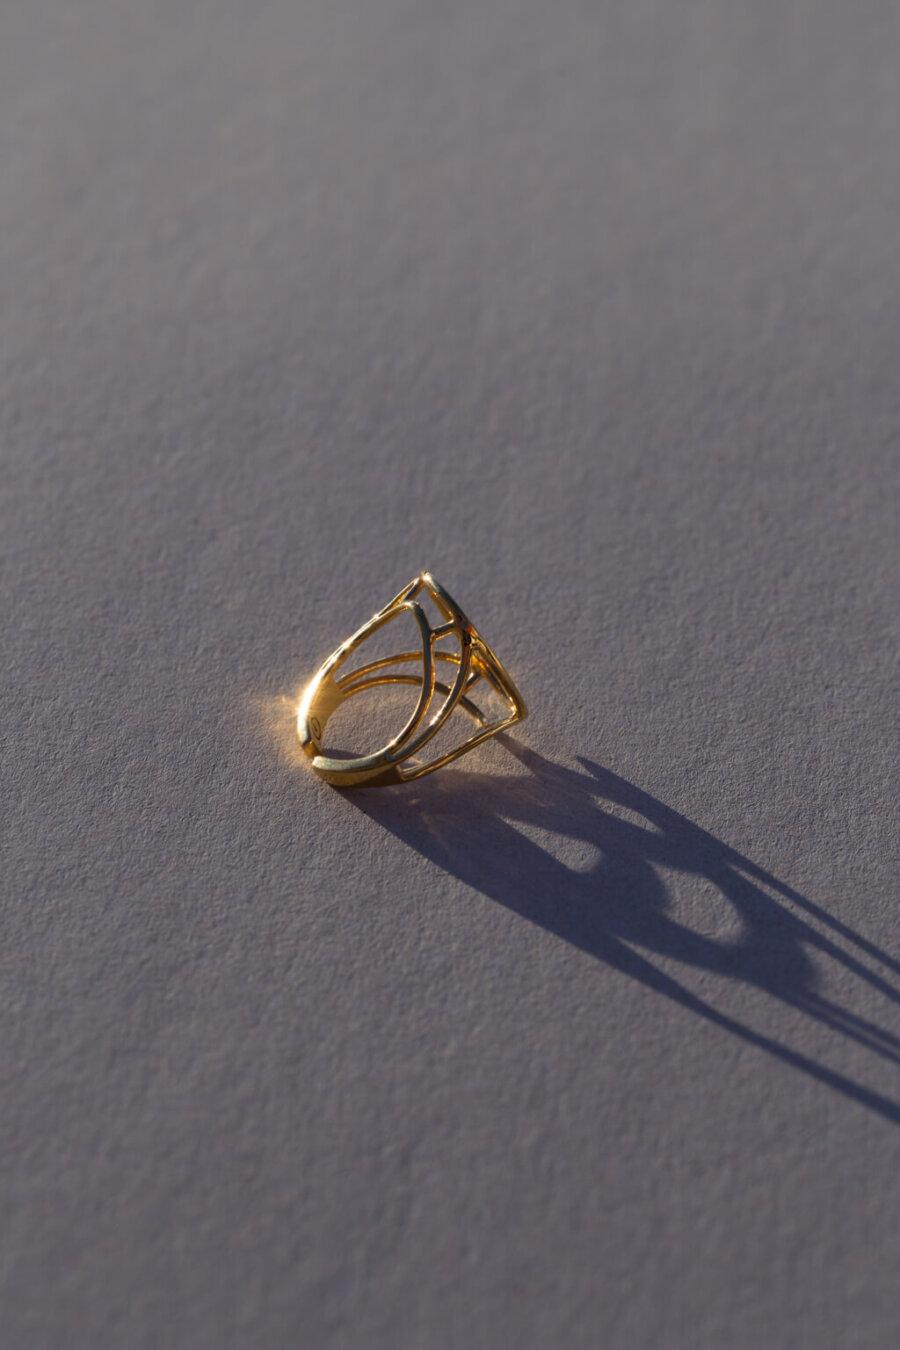 The-empty-signet-ring-by-glenda-lopez-alta